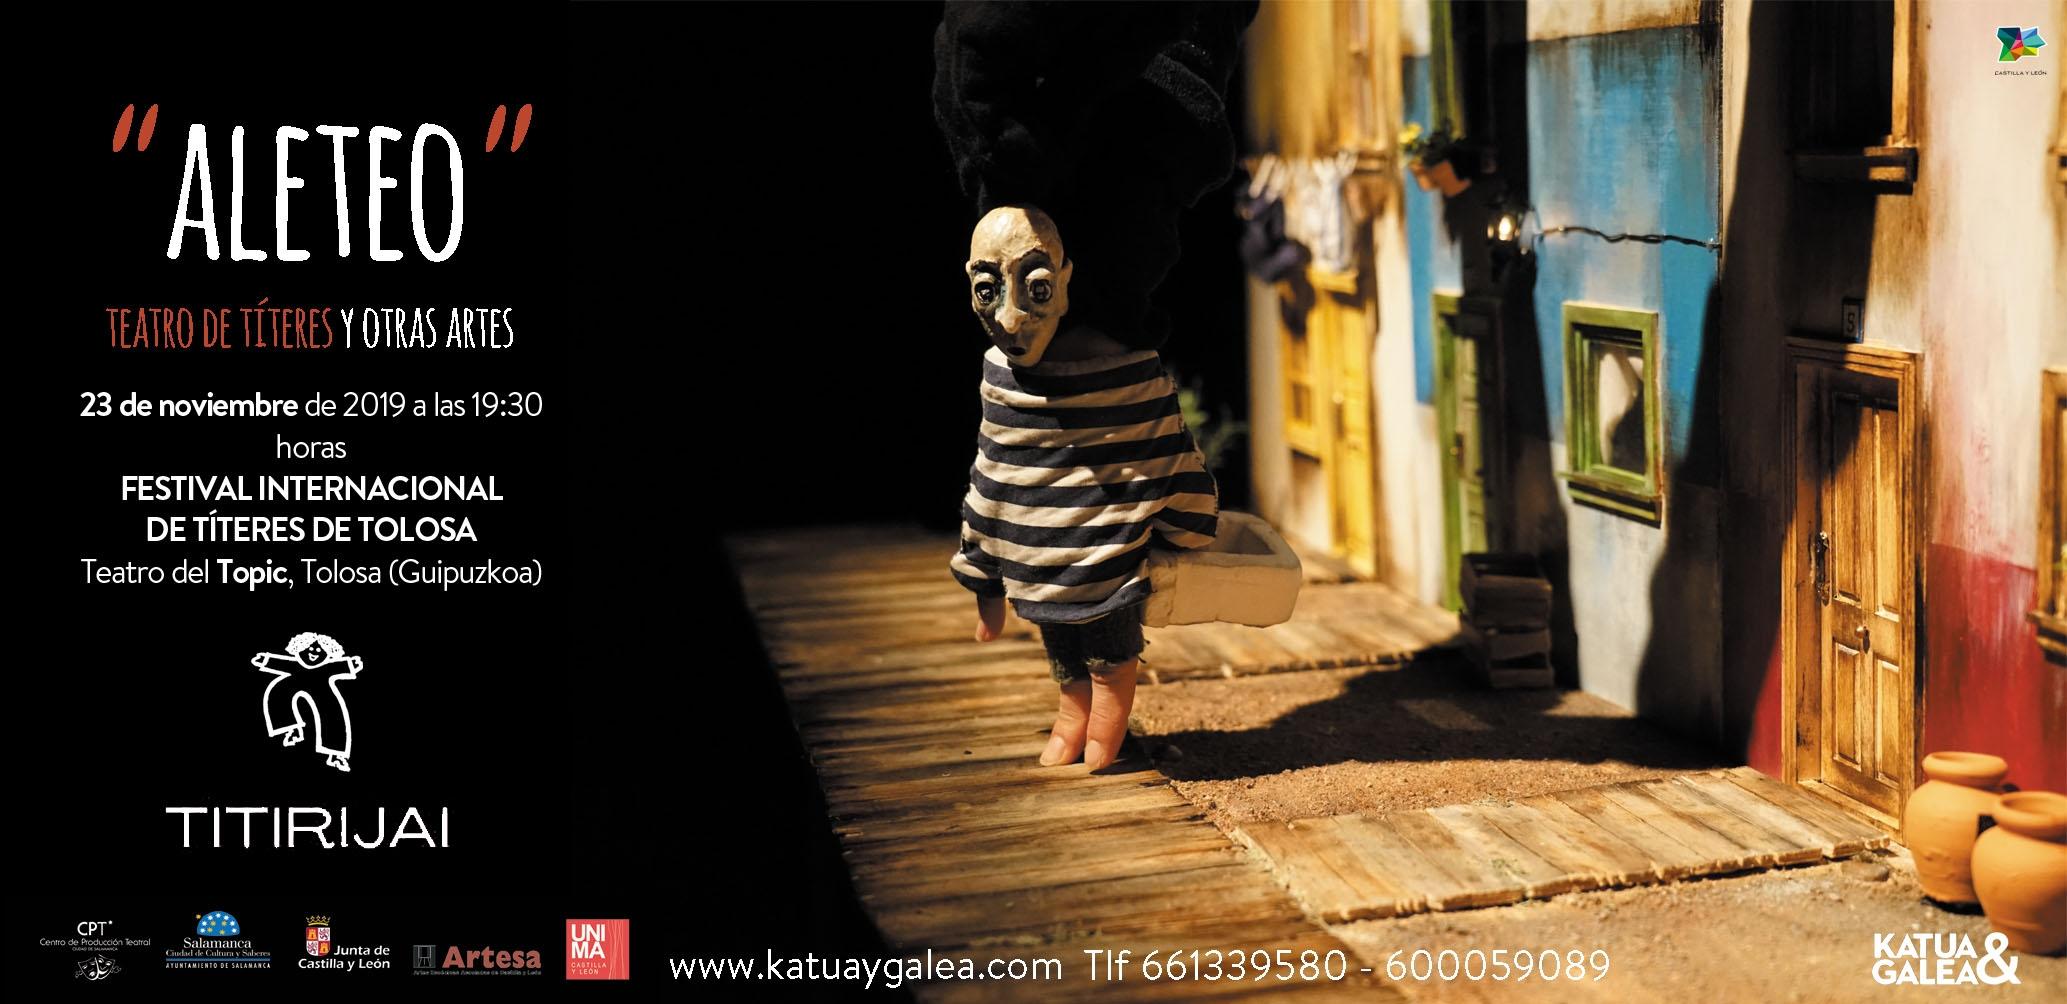 La compañía de teatro salmantina Katua & Galea, galardonada con el Premio Moretti de Teatro Infantil